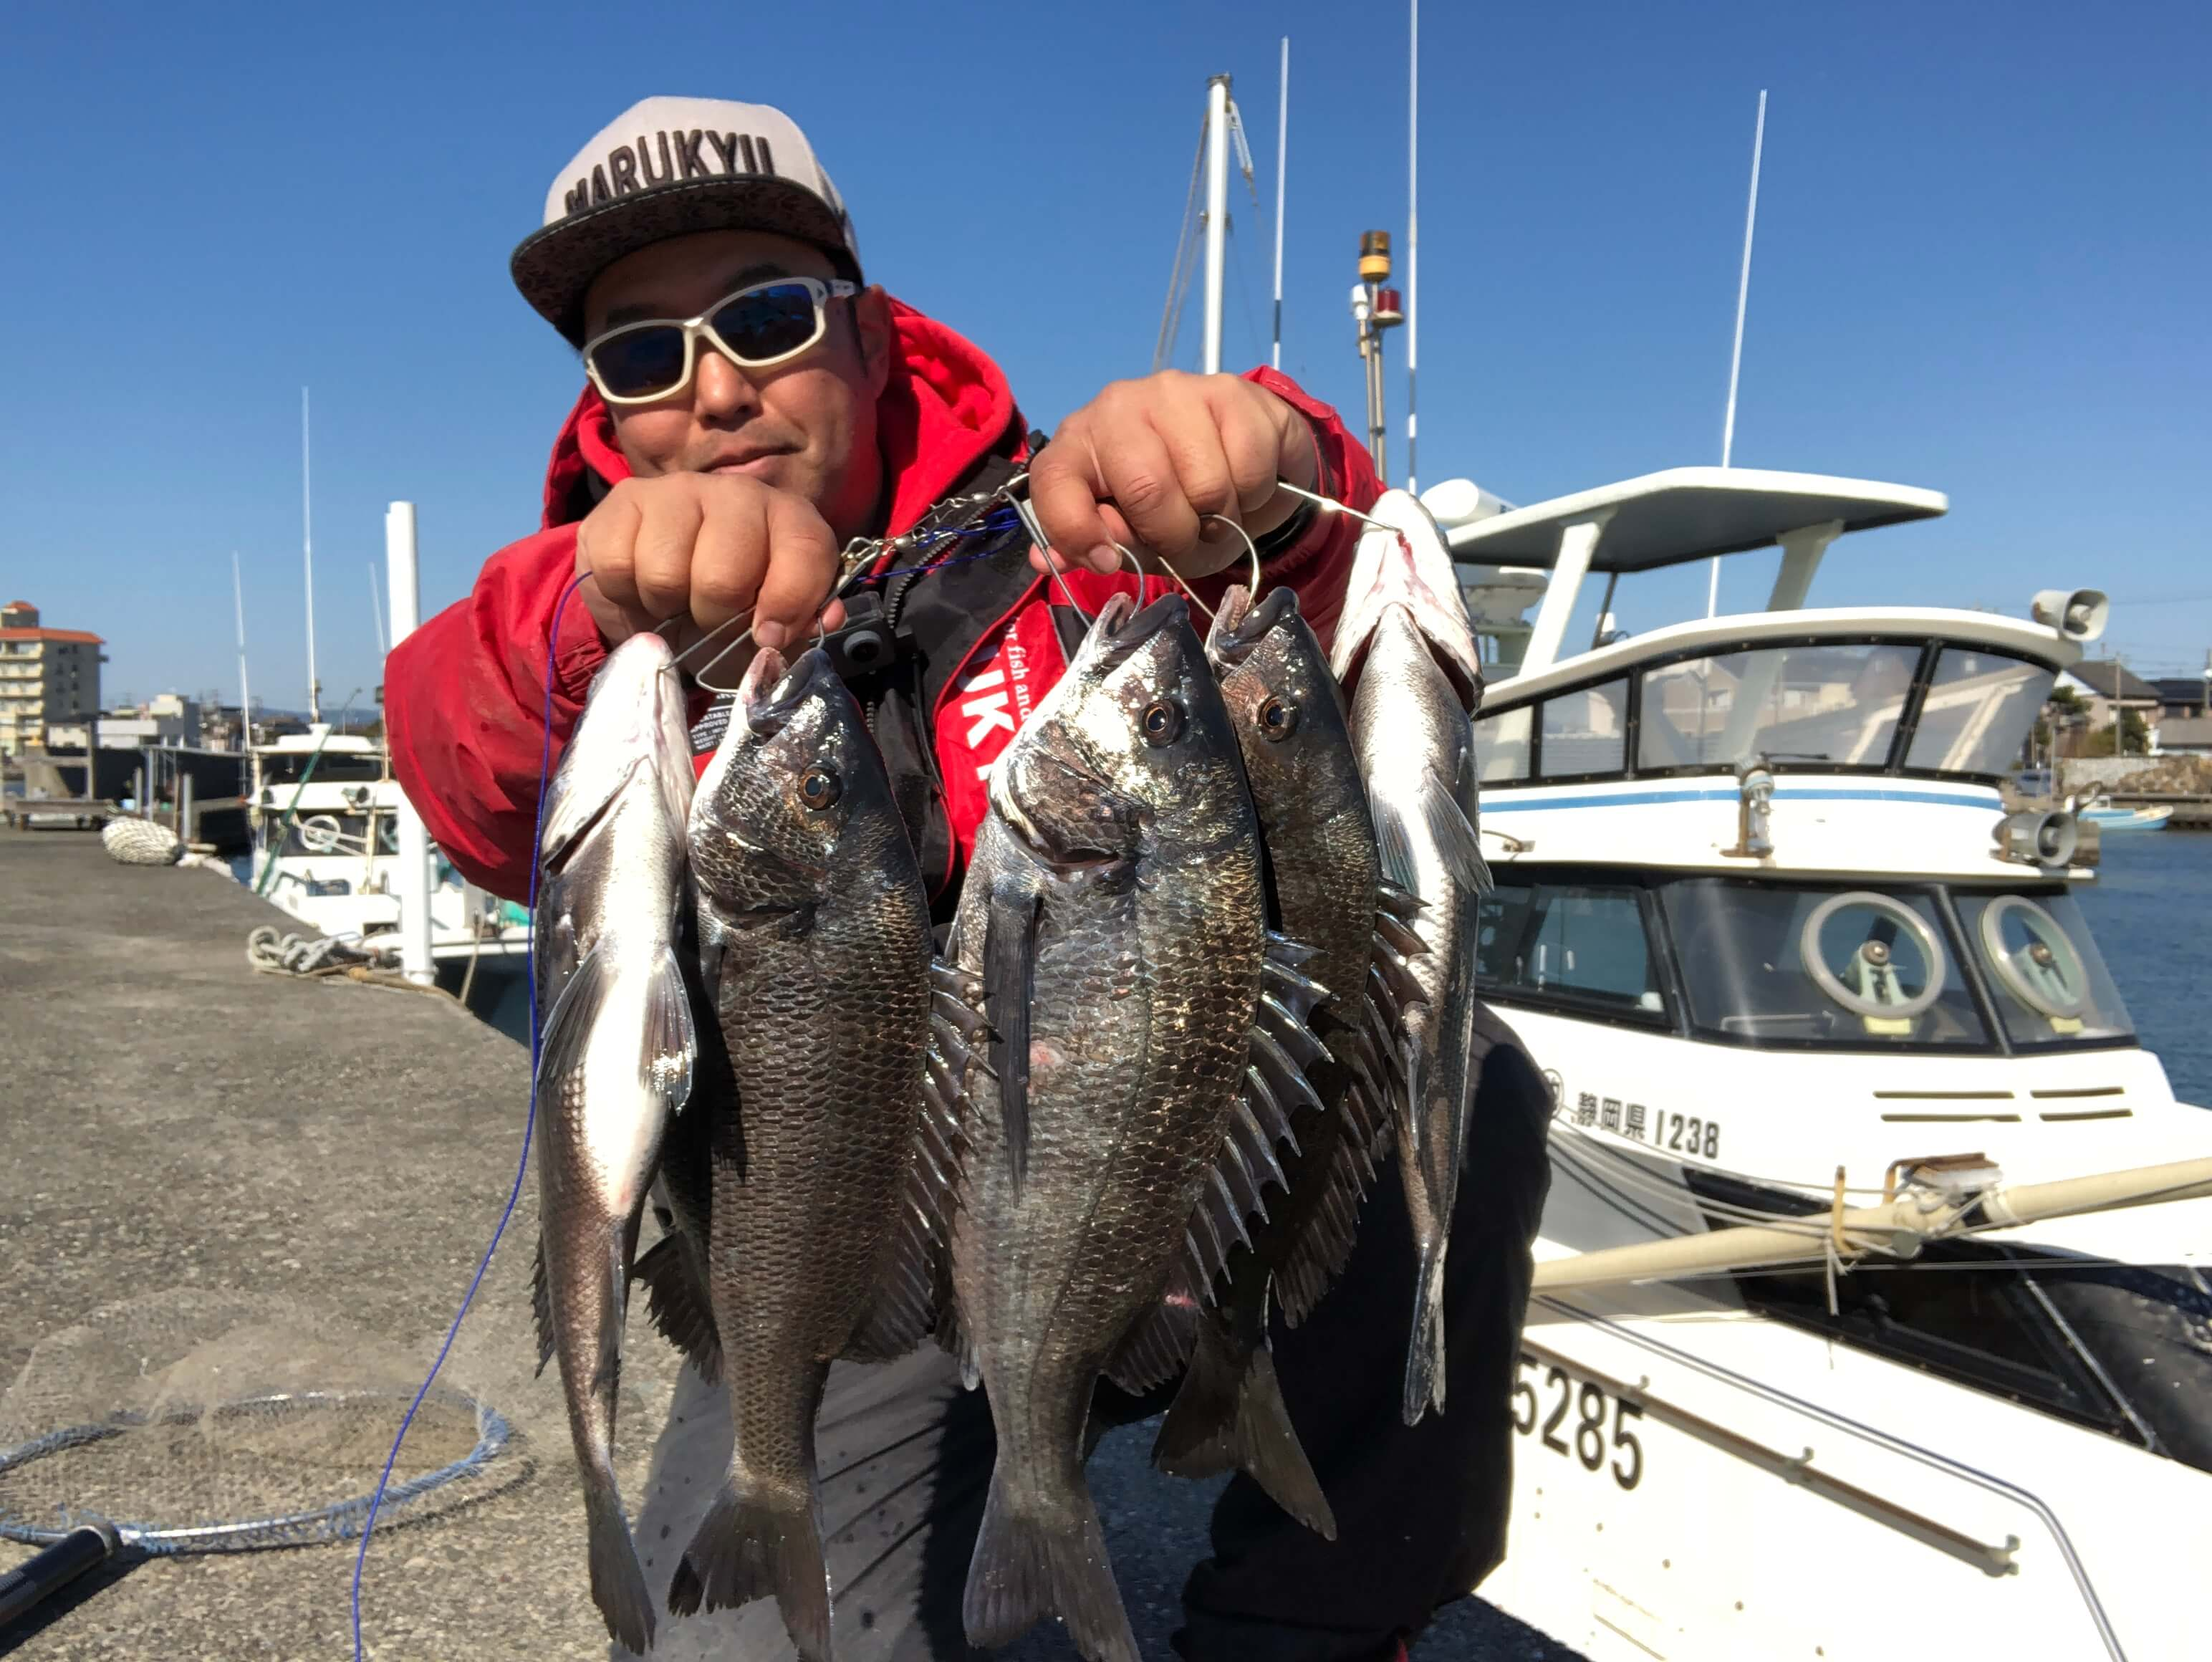 2020年02月11日(火曜日)|クロダイ・チヌ(ウキダンゴ釣り)|静岡県 –  浜名湖|ウキ紀州・ダンゴ|フィールドスタッフ佐々木 博司